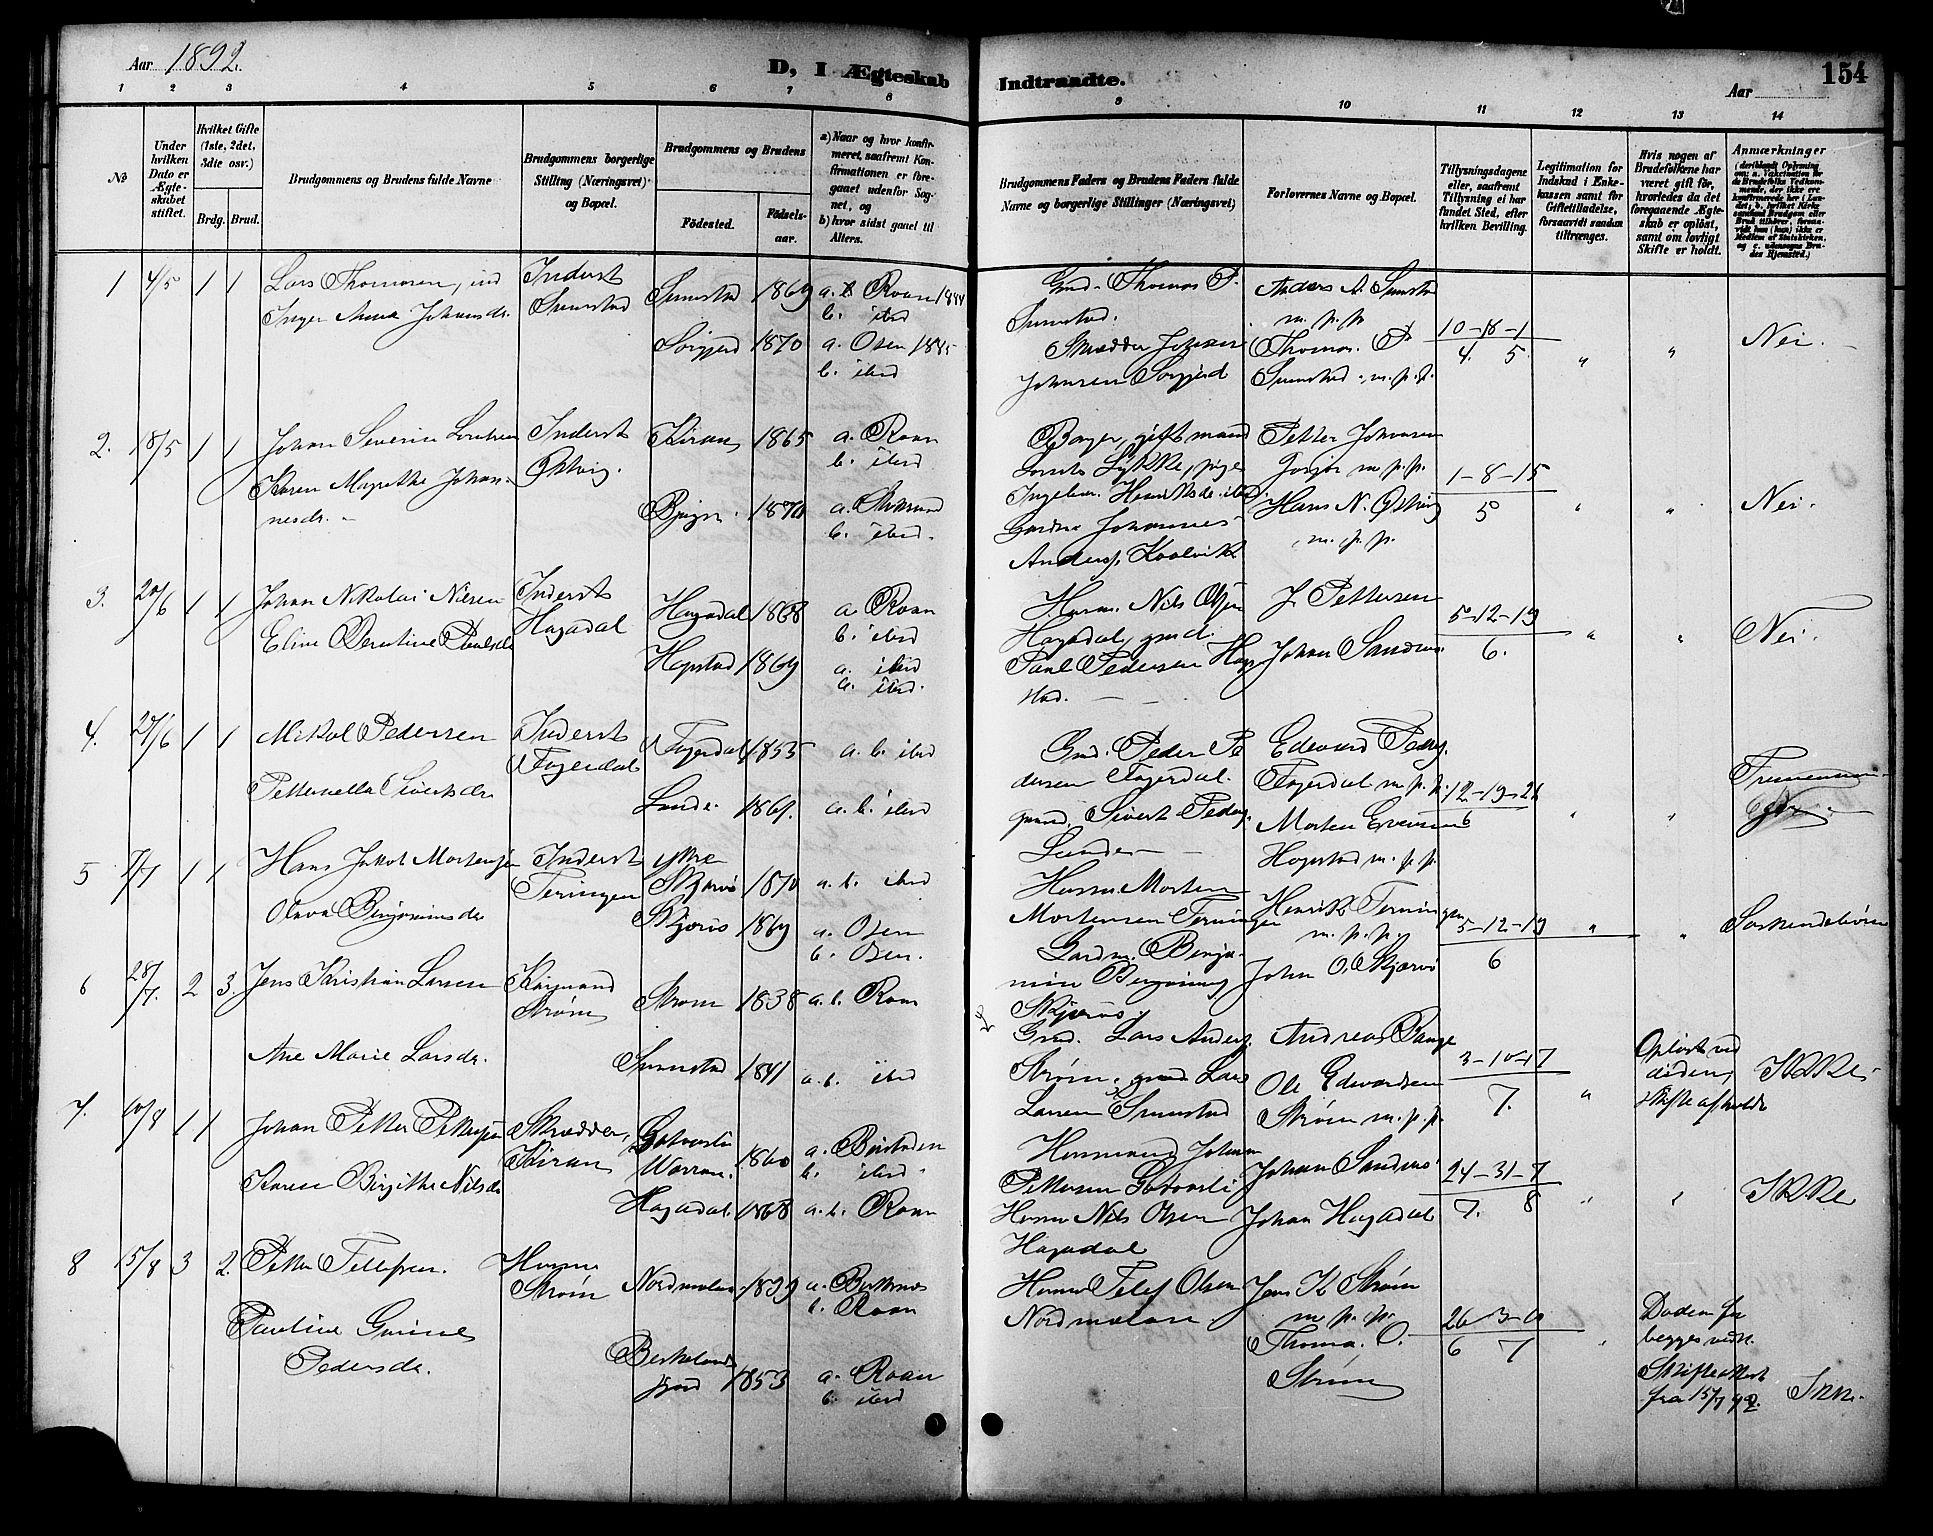 SAT, Ministerialprotokoller, klokkerbøker og fødselsregistre - Sør-Trøndelag, 657/L0716: Klokkerbok nr. 657C03, 1889-1904, s. 154